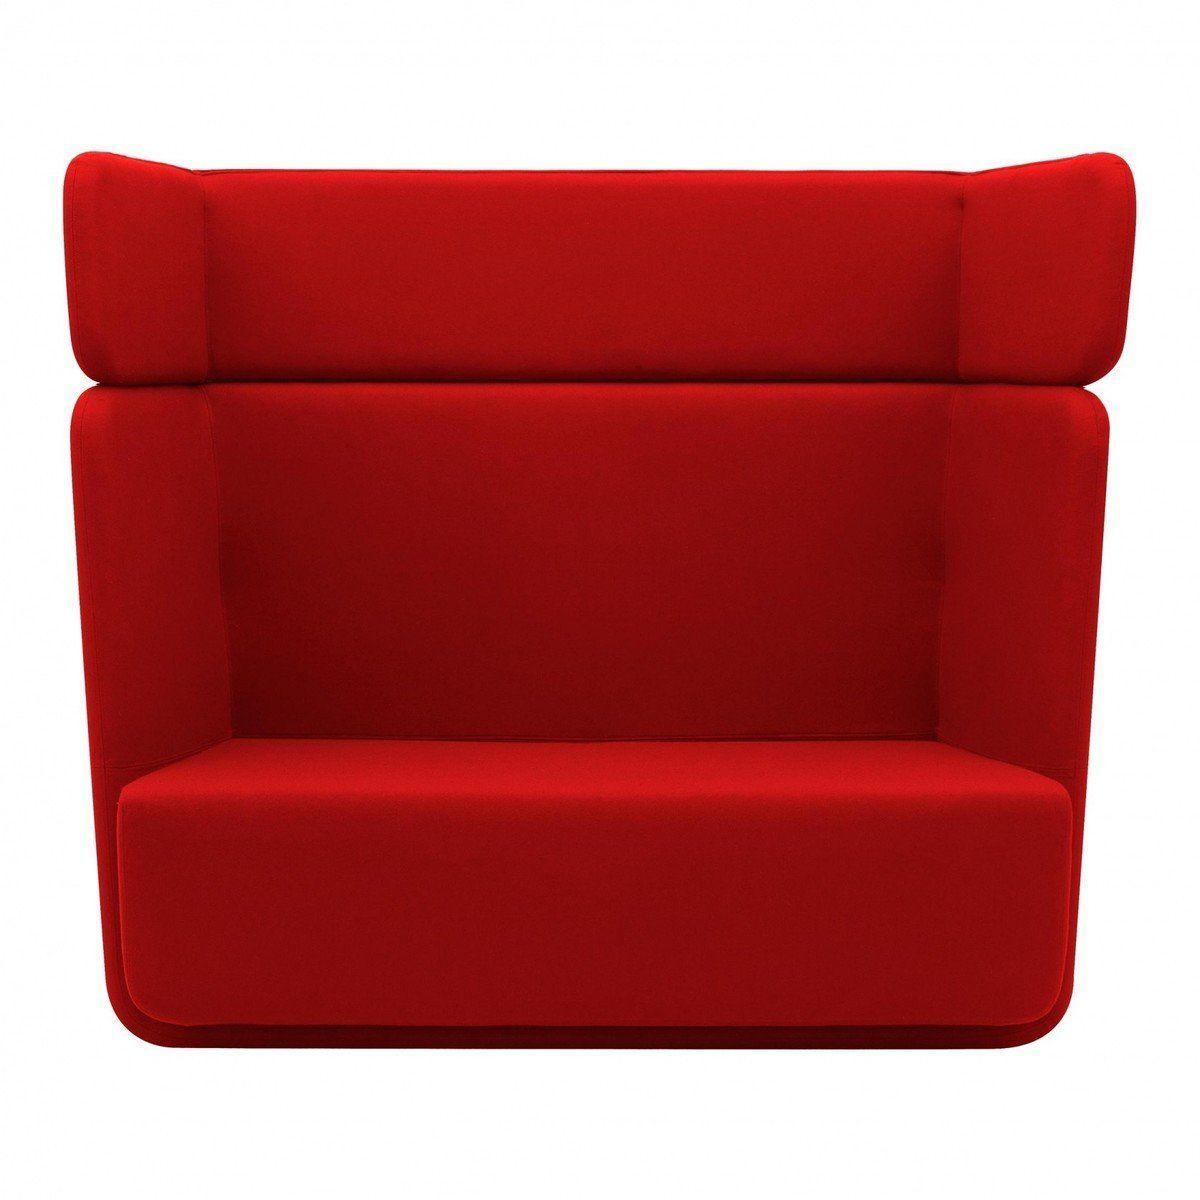 Ambientedirect Bewertung basket sofa mit hohem rücken softline ambientedirect com